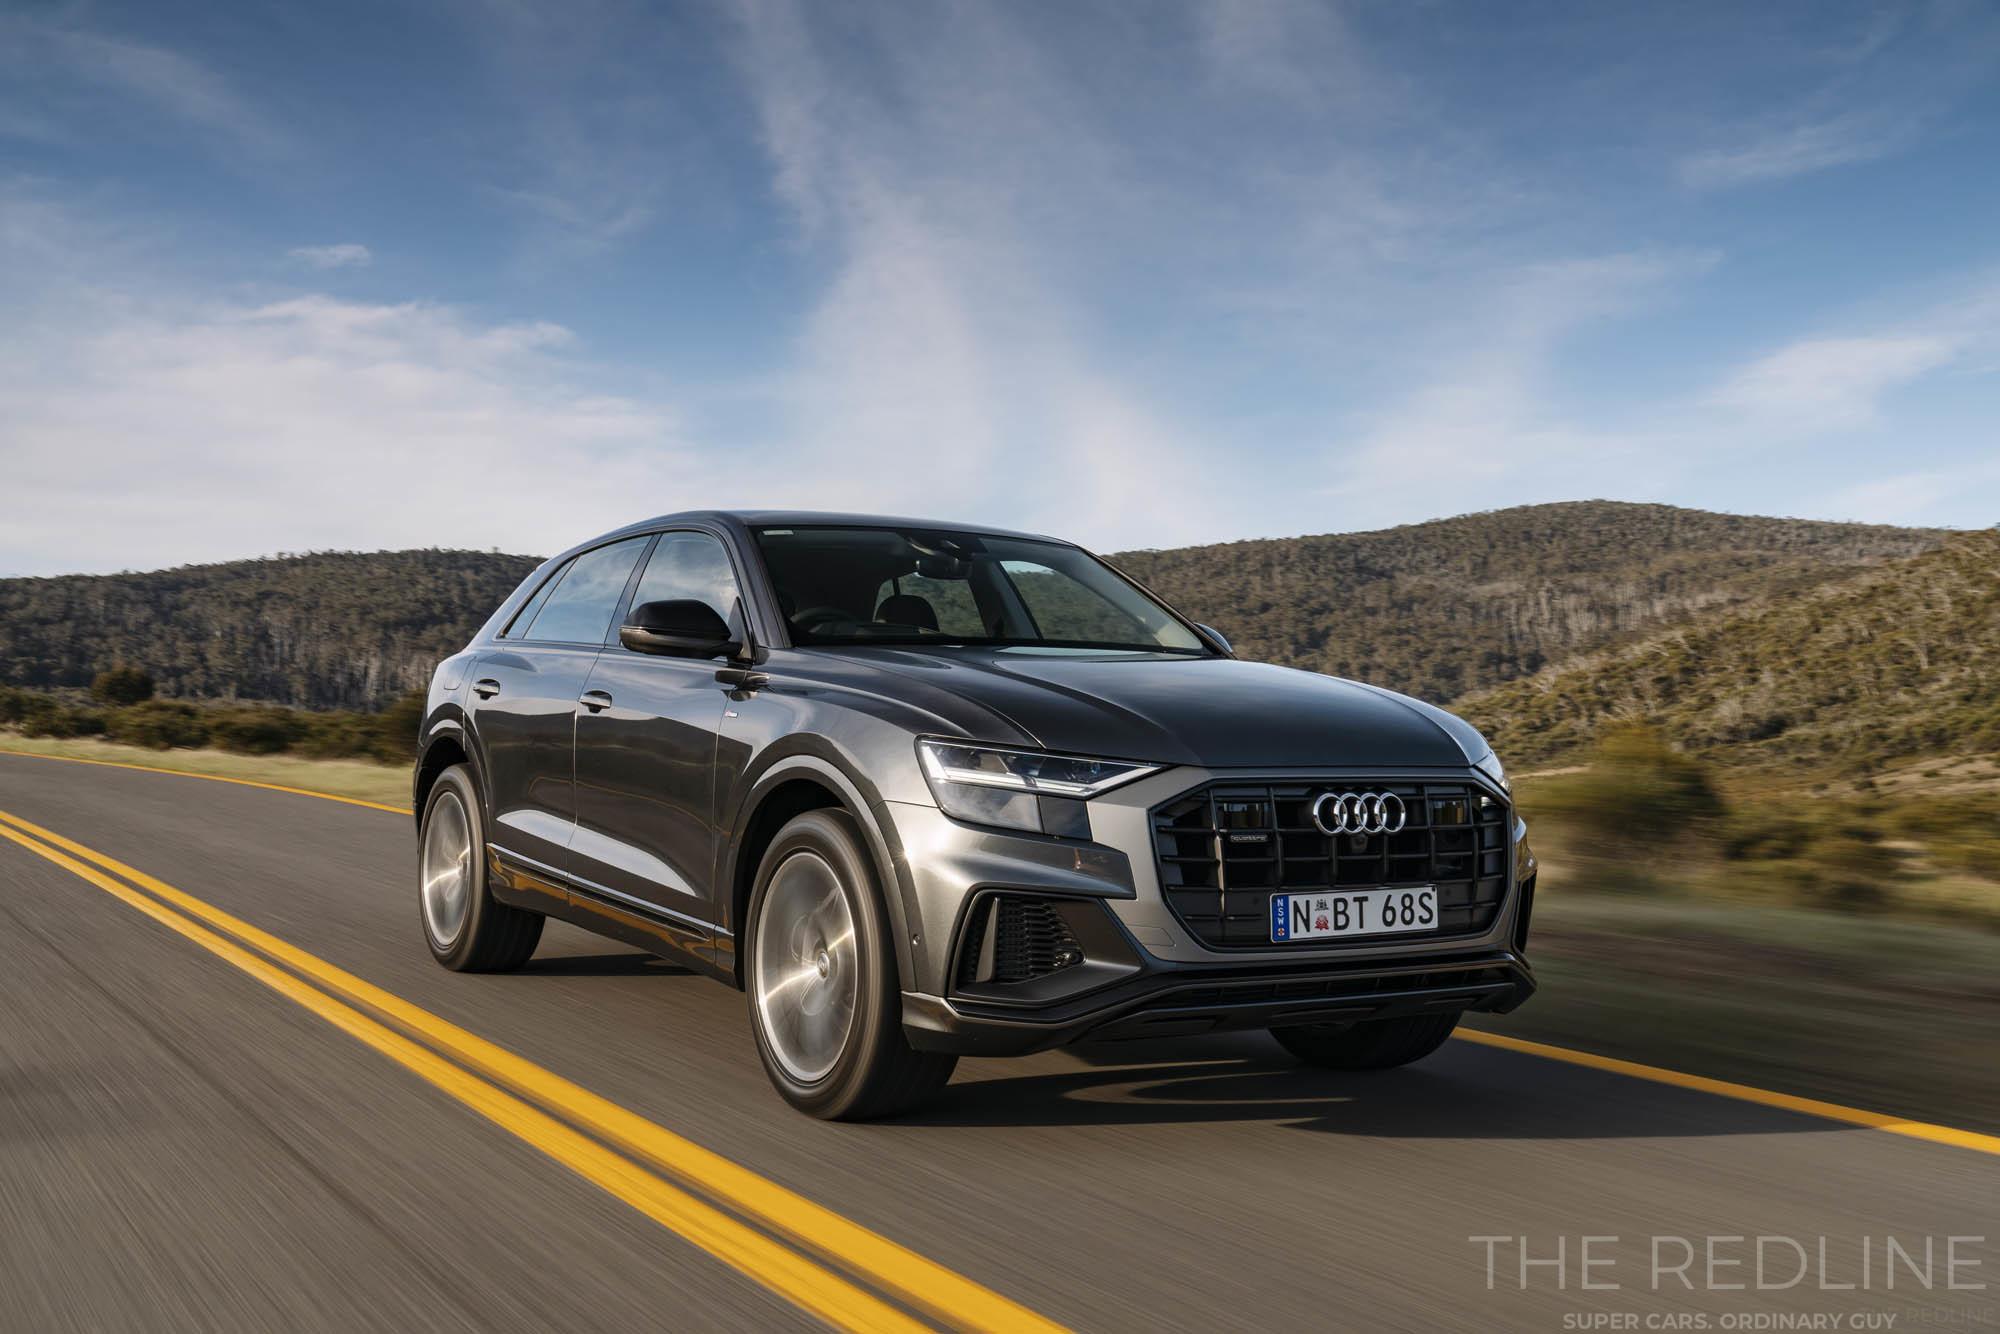 Audi Q8 Australia Price And Spec The Redline